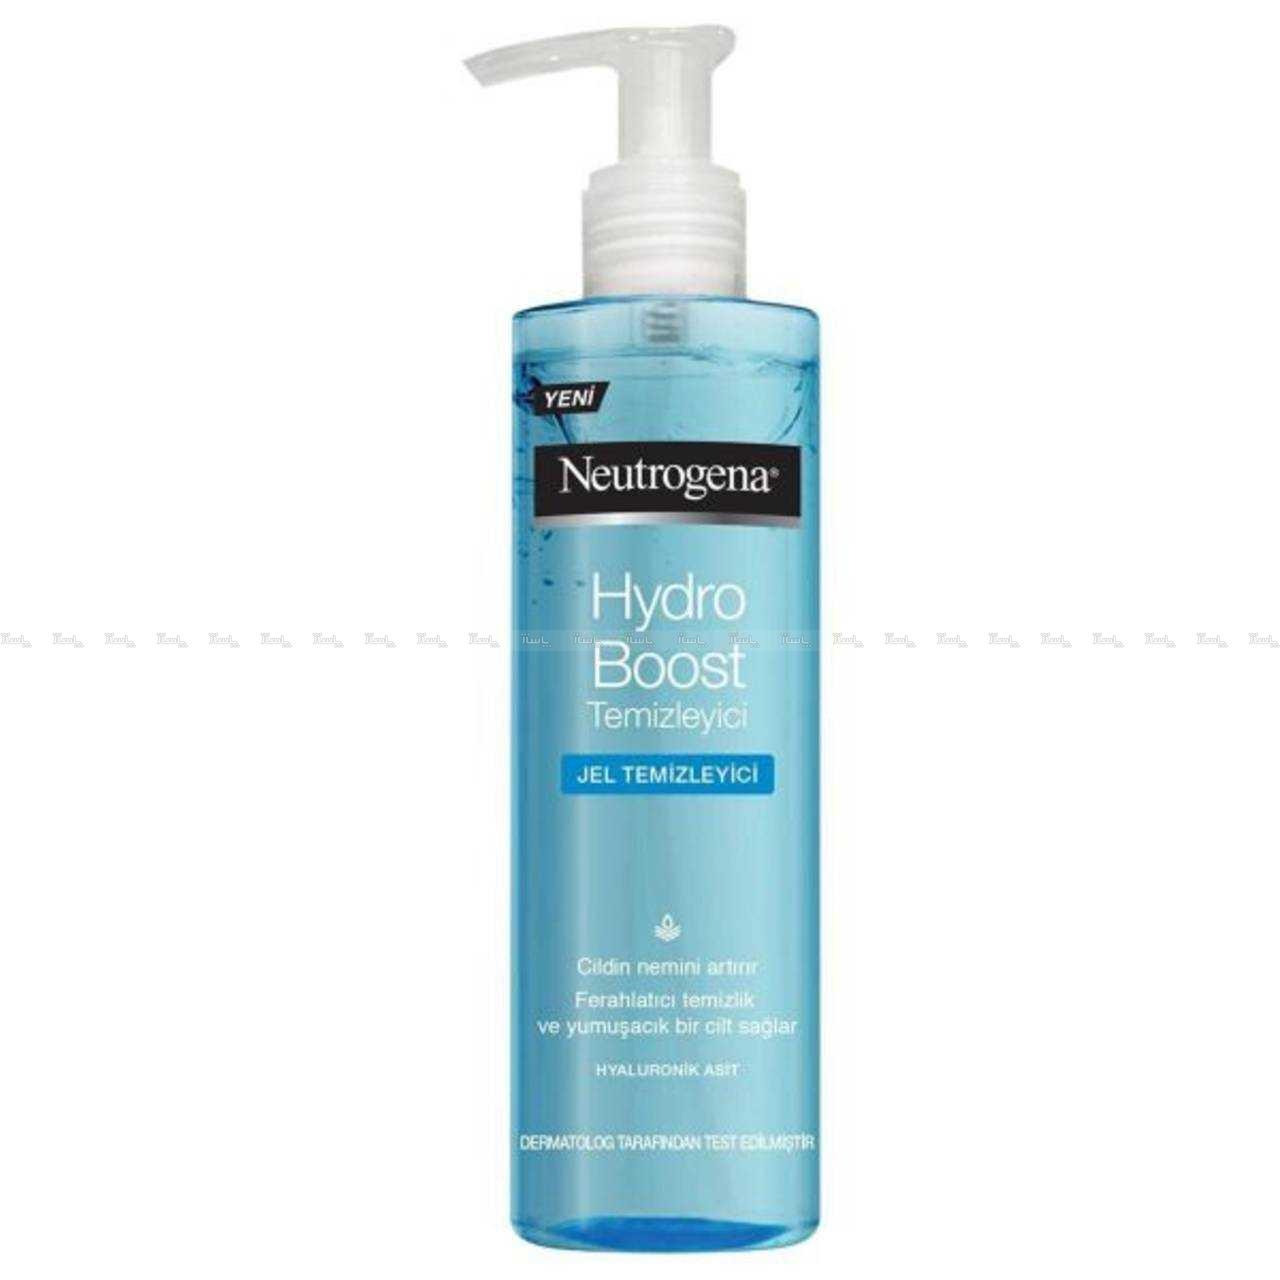 ژل شست و شوی صورت نوتروژینا Neutrogena Hydro Boost-تصویر اصلی